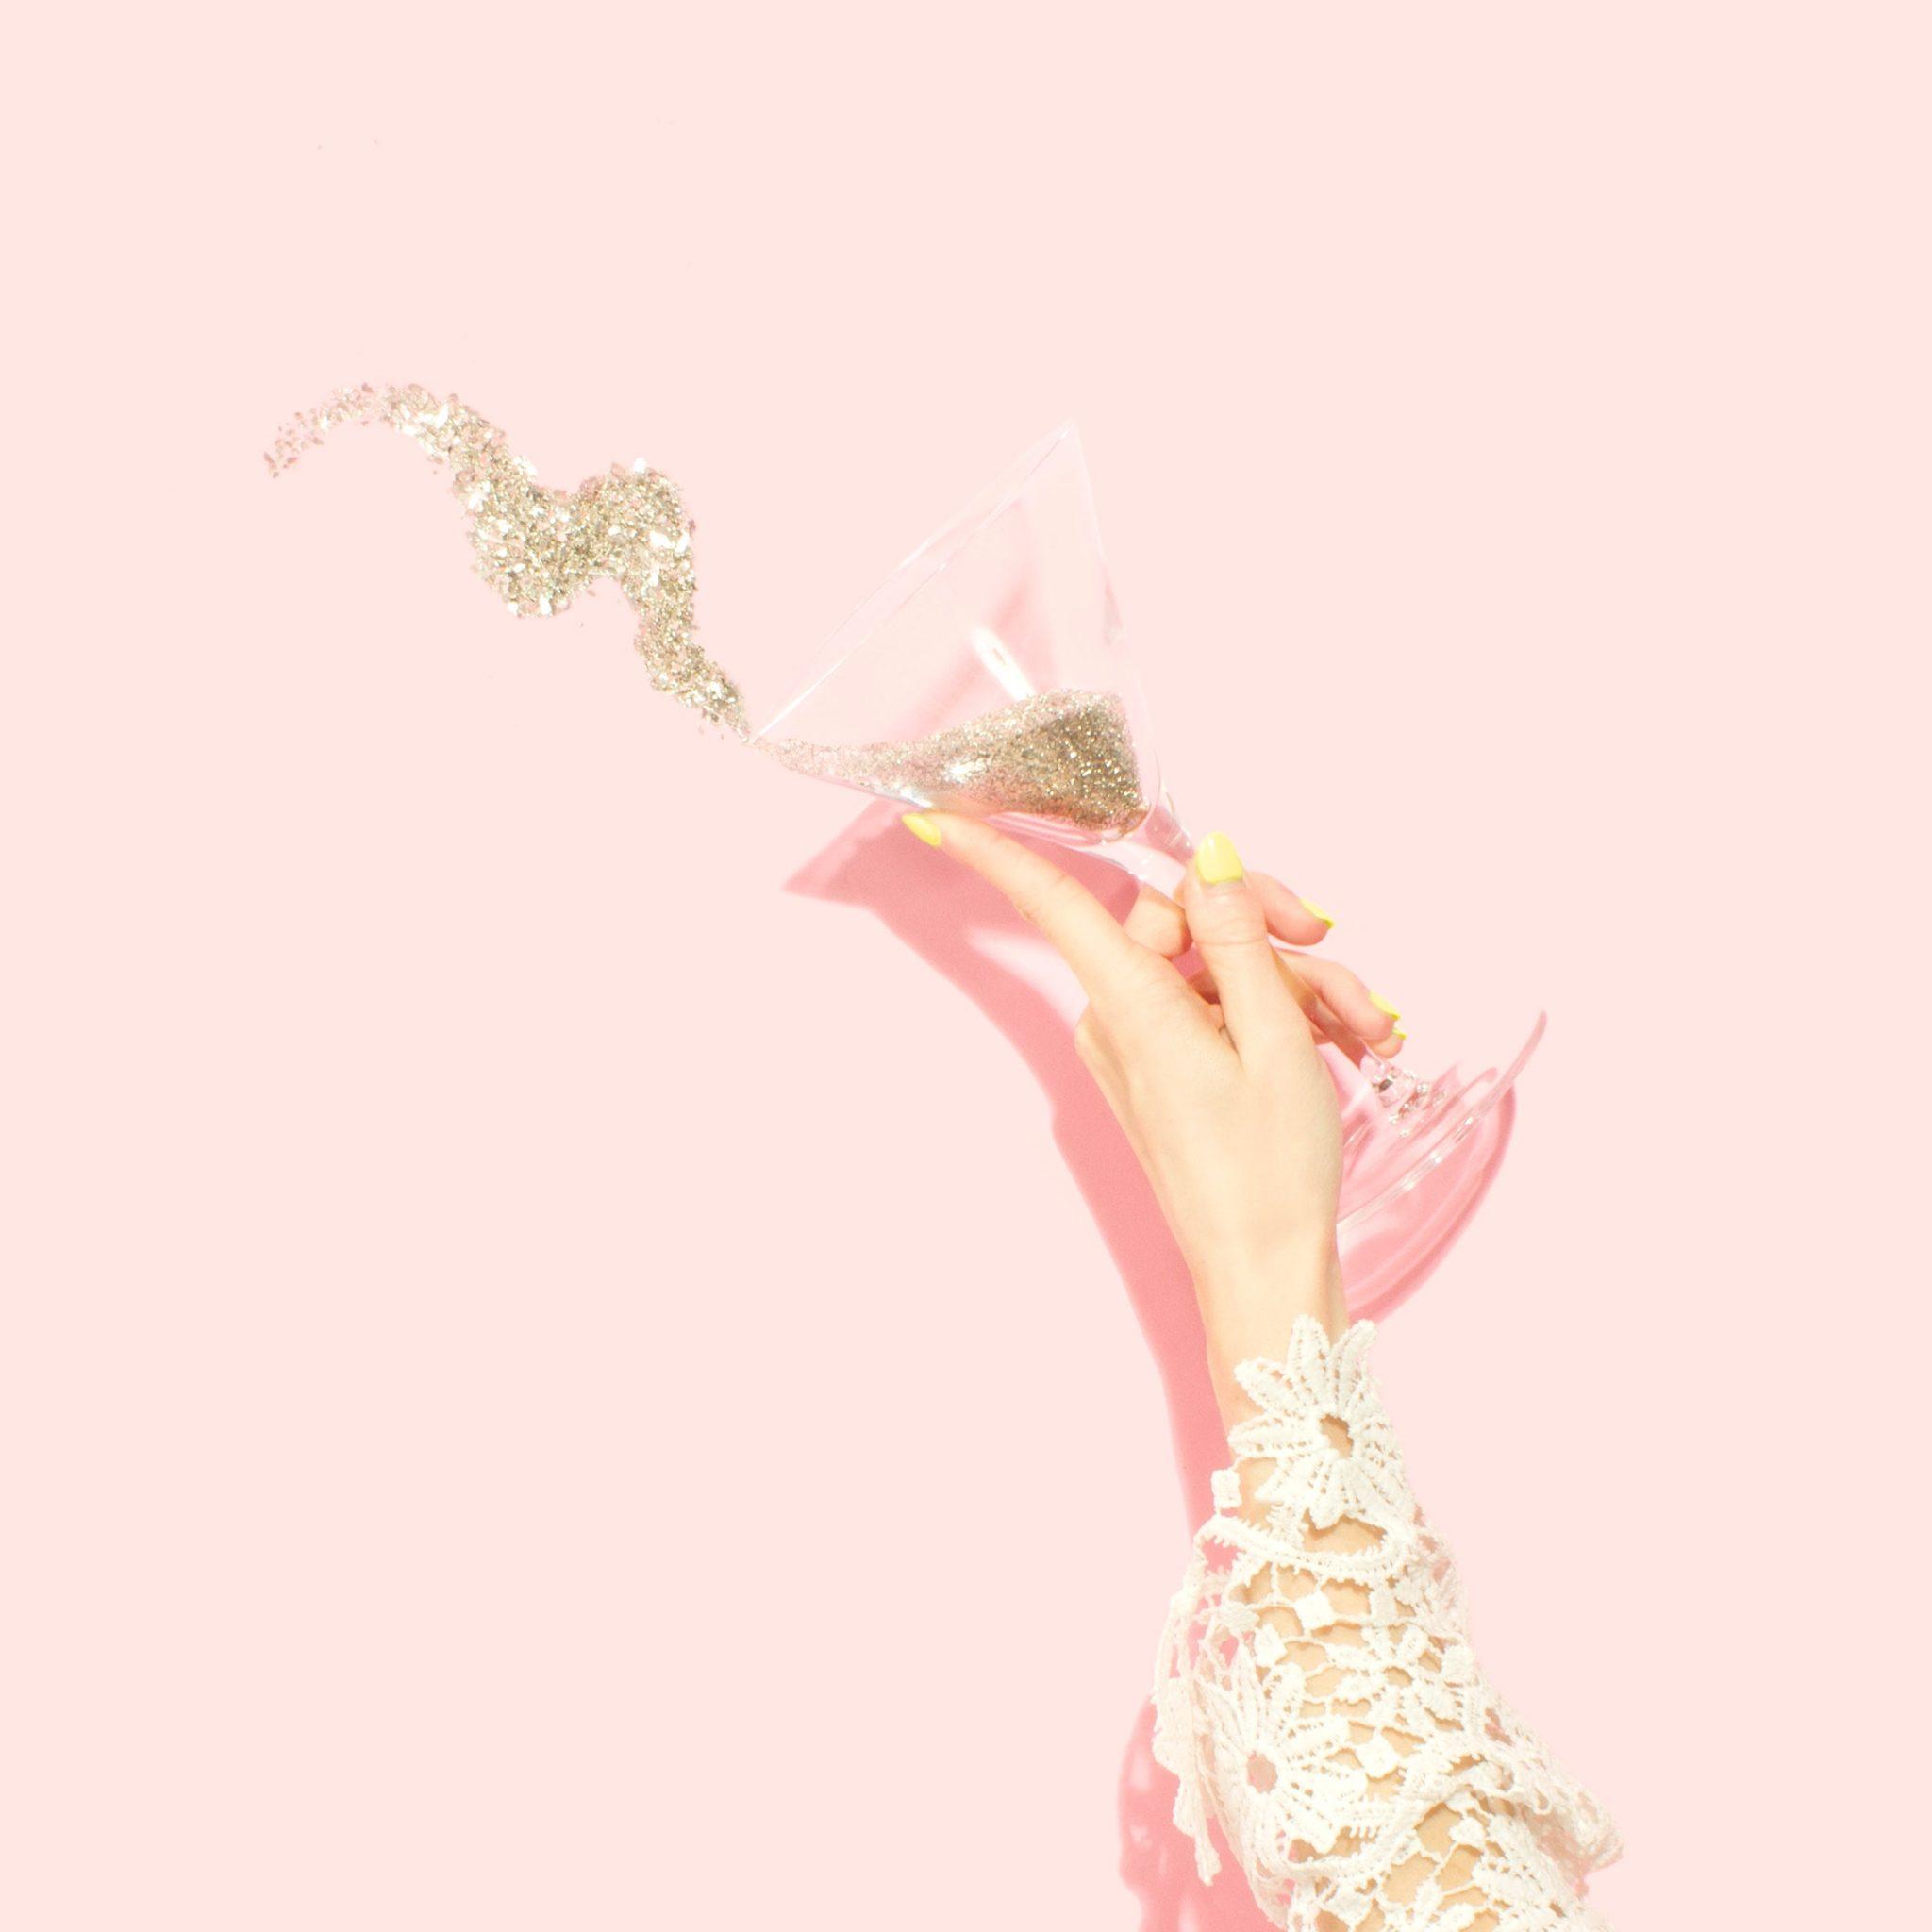 mano di donna che festeggia i suoi successi lanciando in aria un calice di brillantini - foto in CC tatianaberlaffa.com